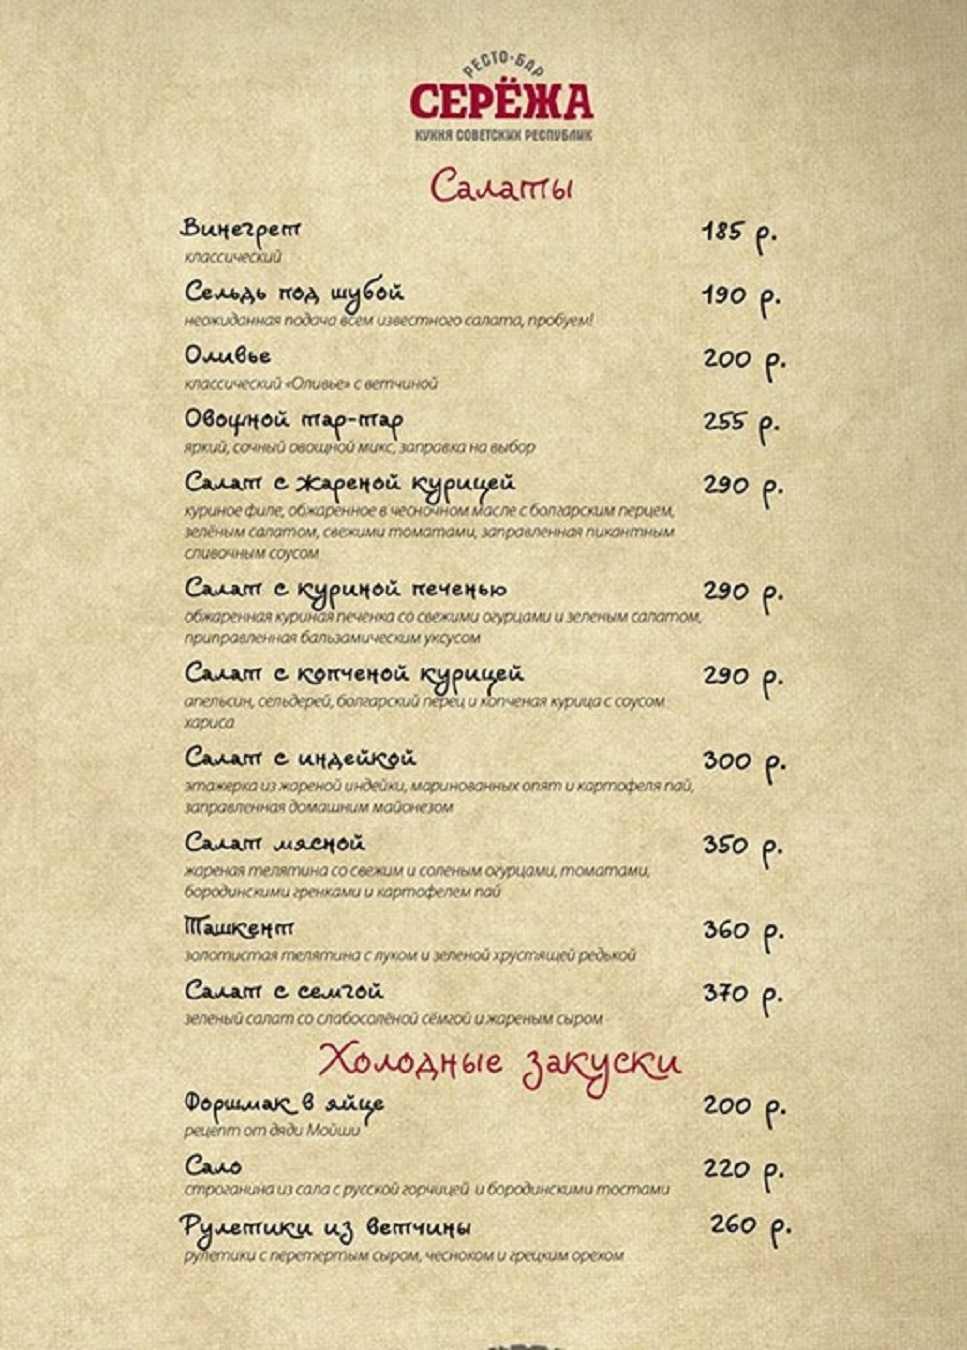 Меню кафе Серёжа на Сущевской улице